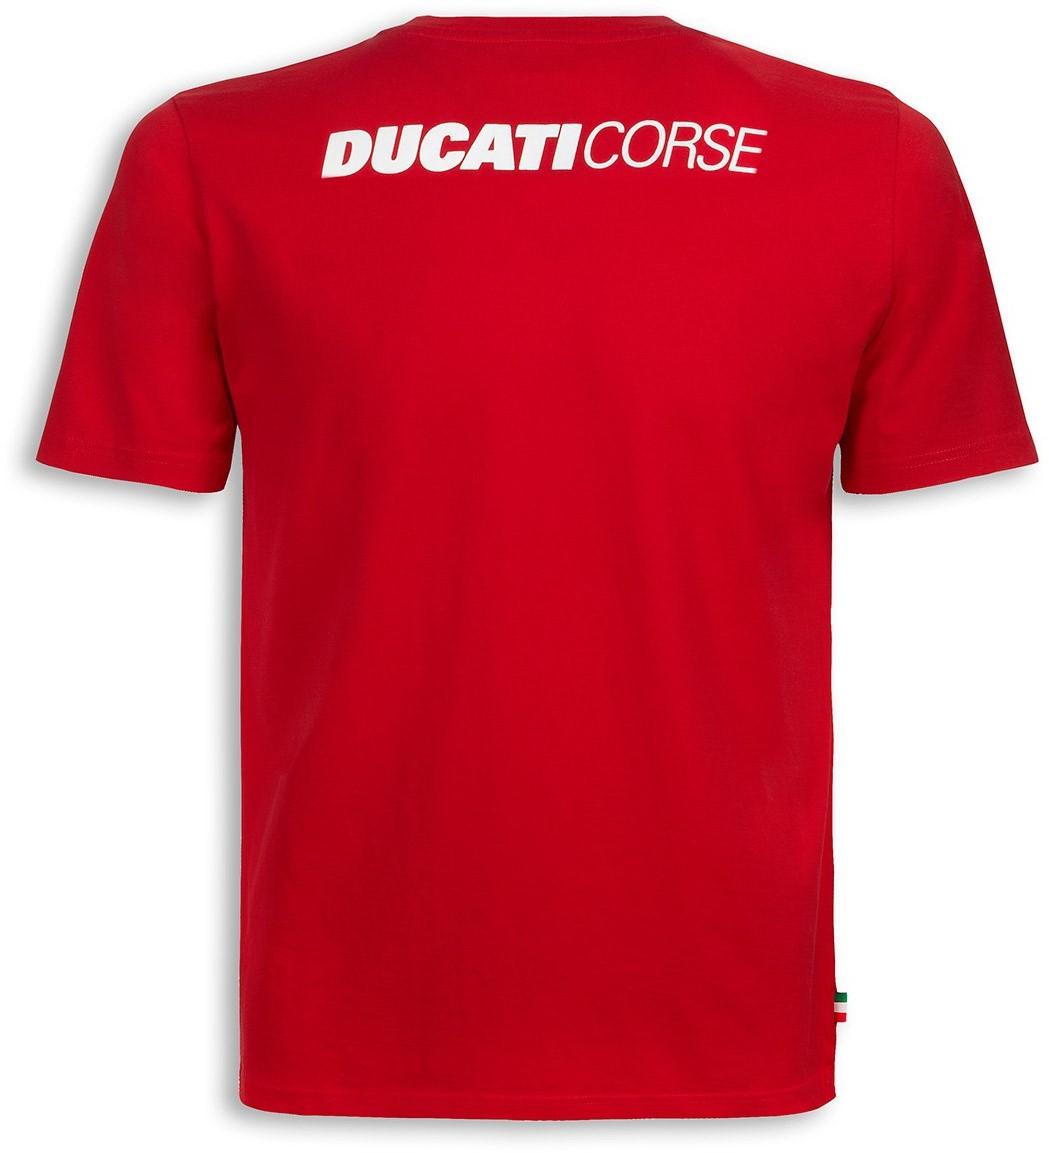 【DUCATI performance】Ducatiana Racing T恤 - 「Webike-摩托百貨」